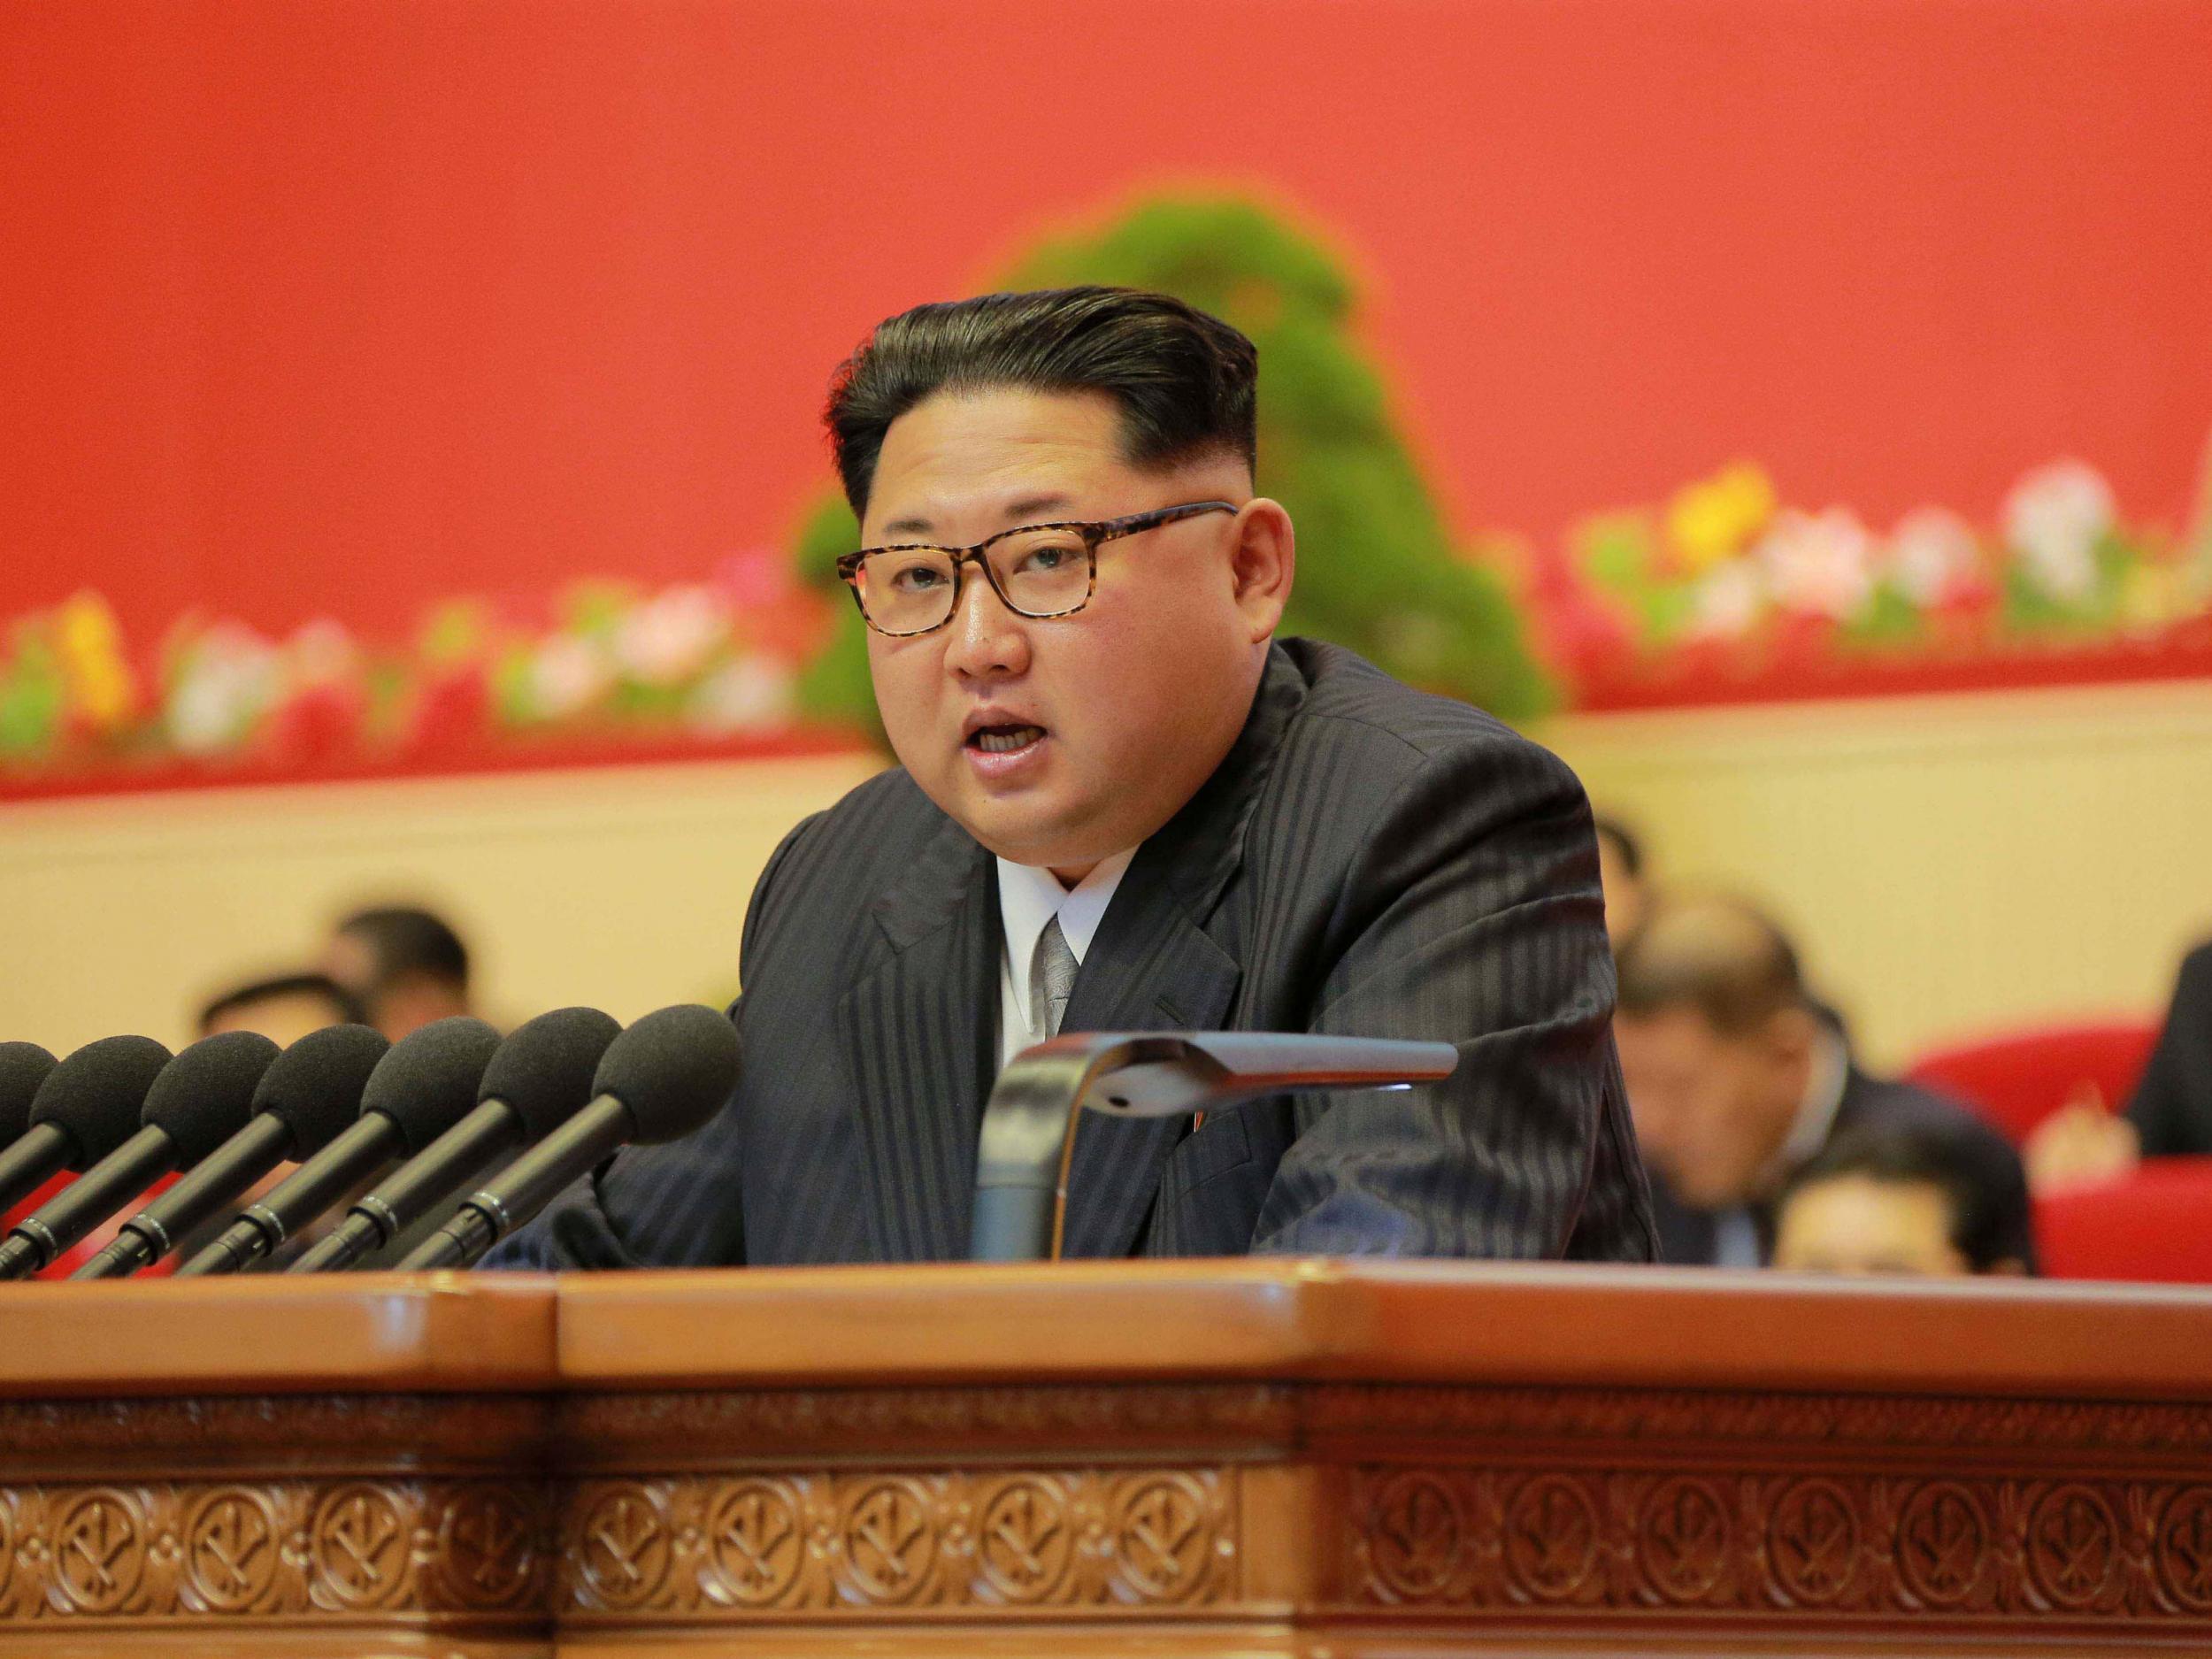 Kim Jong-un executes two North Korea officials 'using anti-aircraft gun'